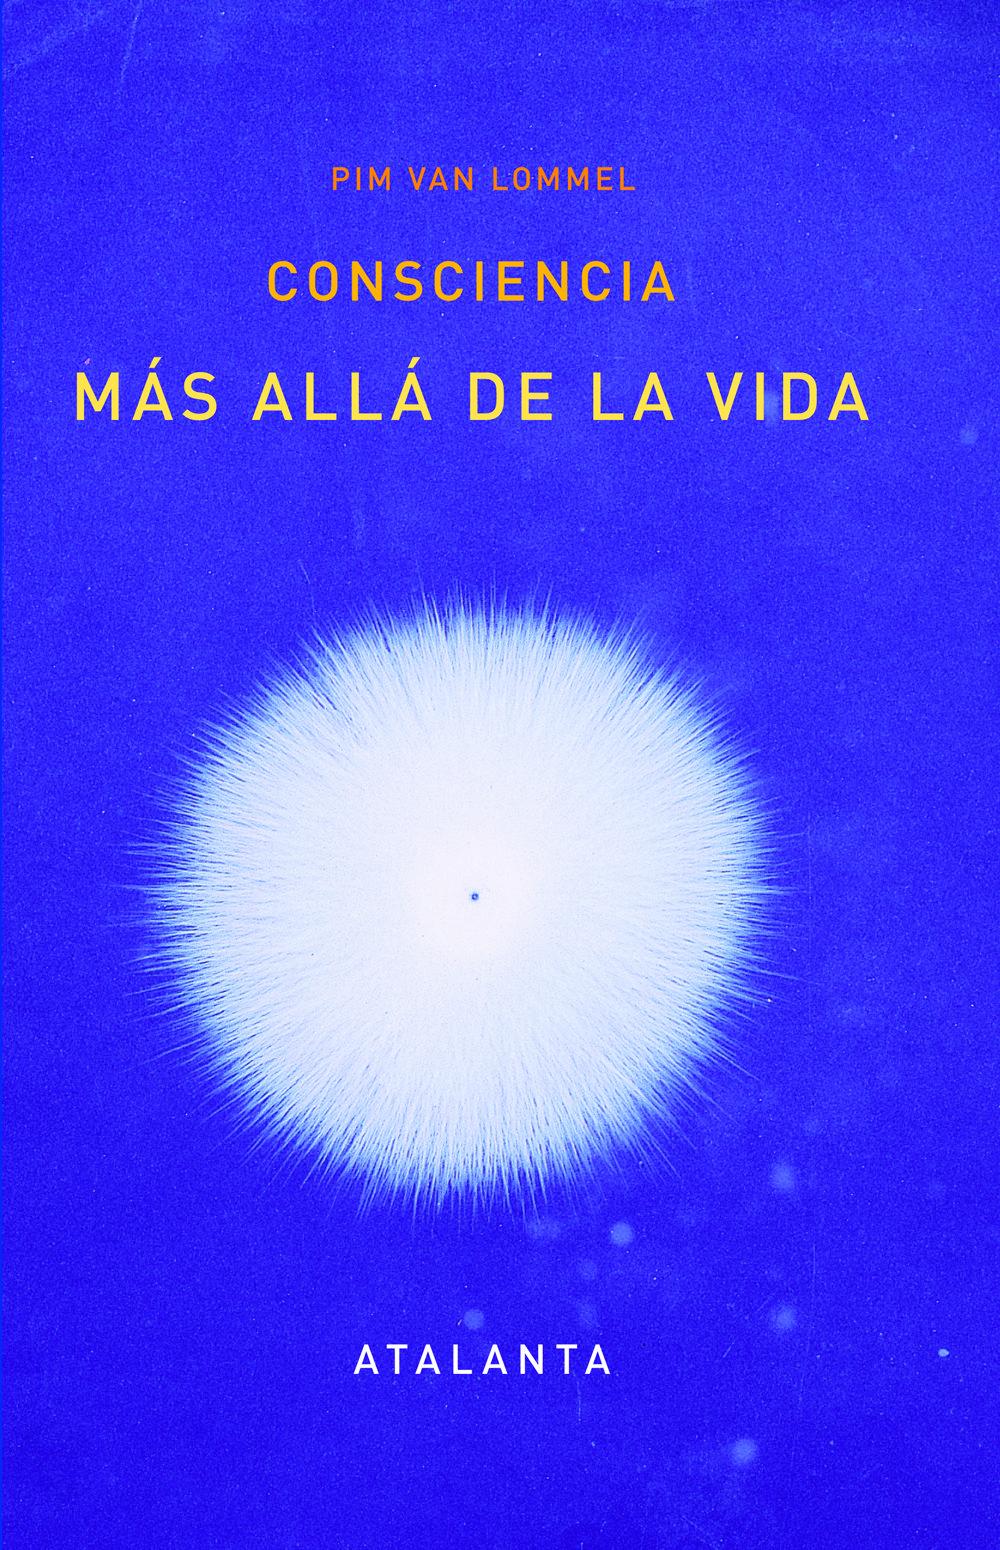 Libro sobre ECM: Consciencia. Más allá de la vida. Pim van Lommel.